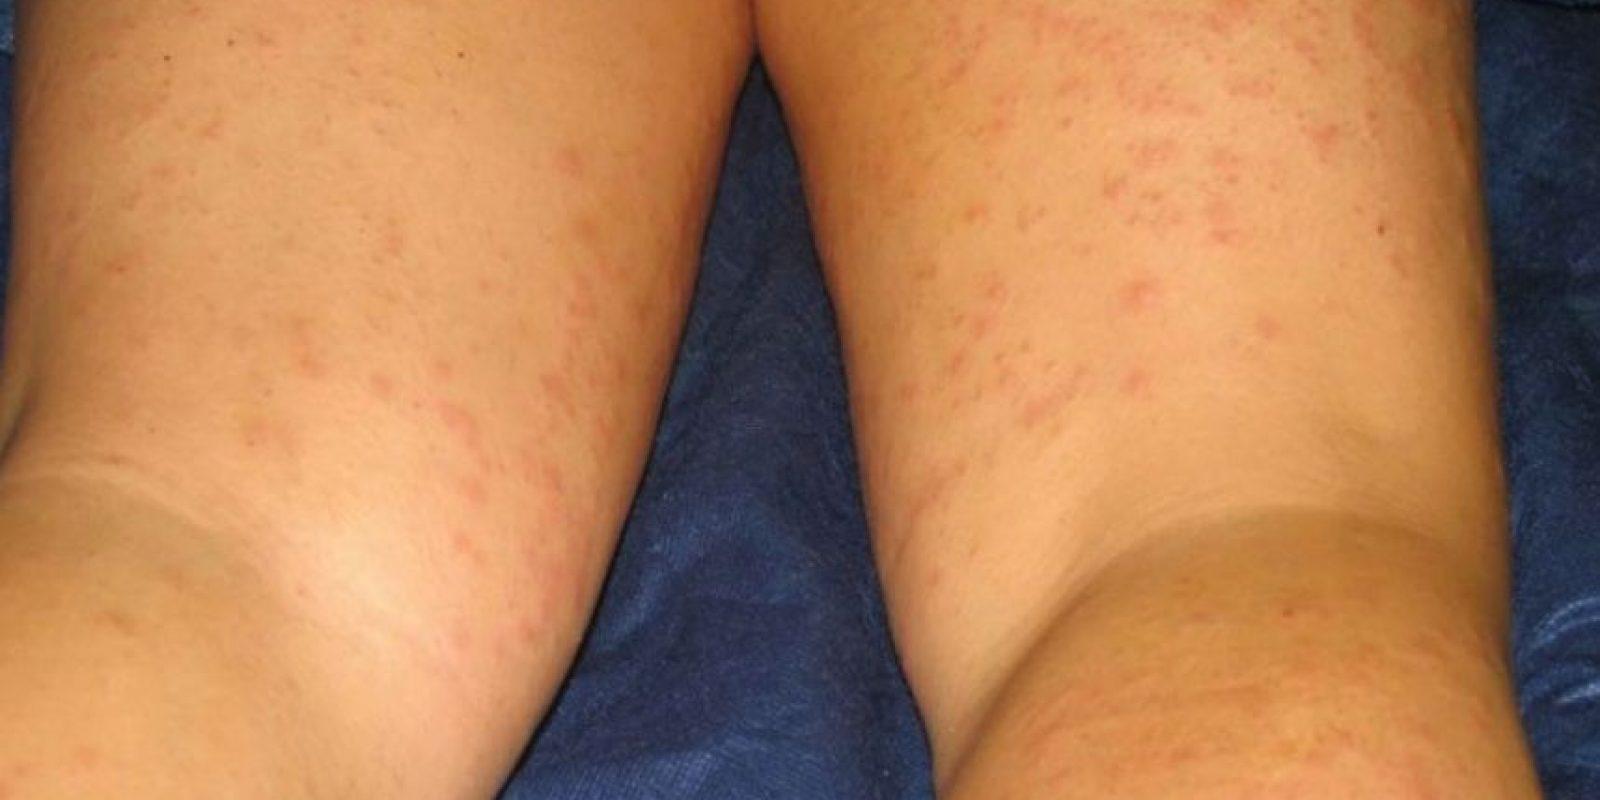 6. Esta chica resultó alérgica a un componente de su crema para depilar. Foto:ía Instagram/#DepilacionFail